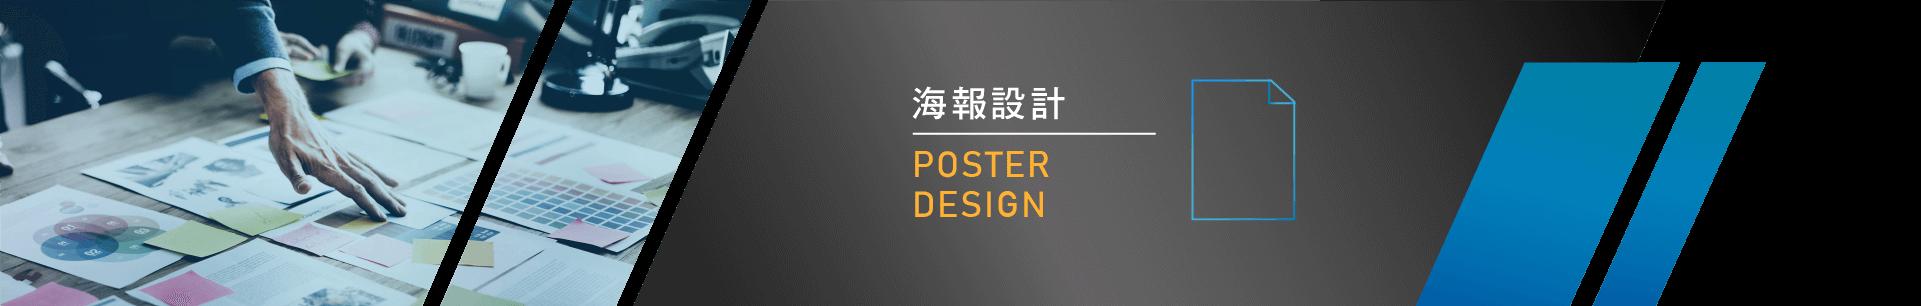 海報設計、海報輸出